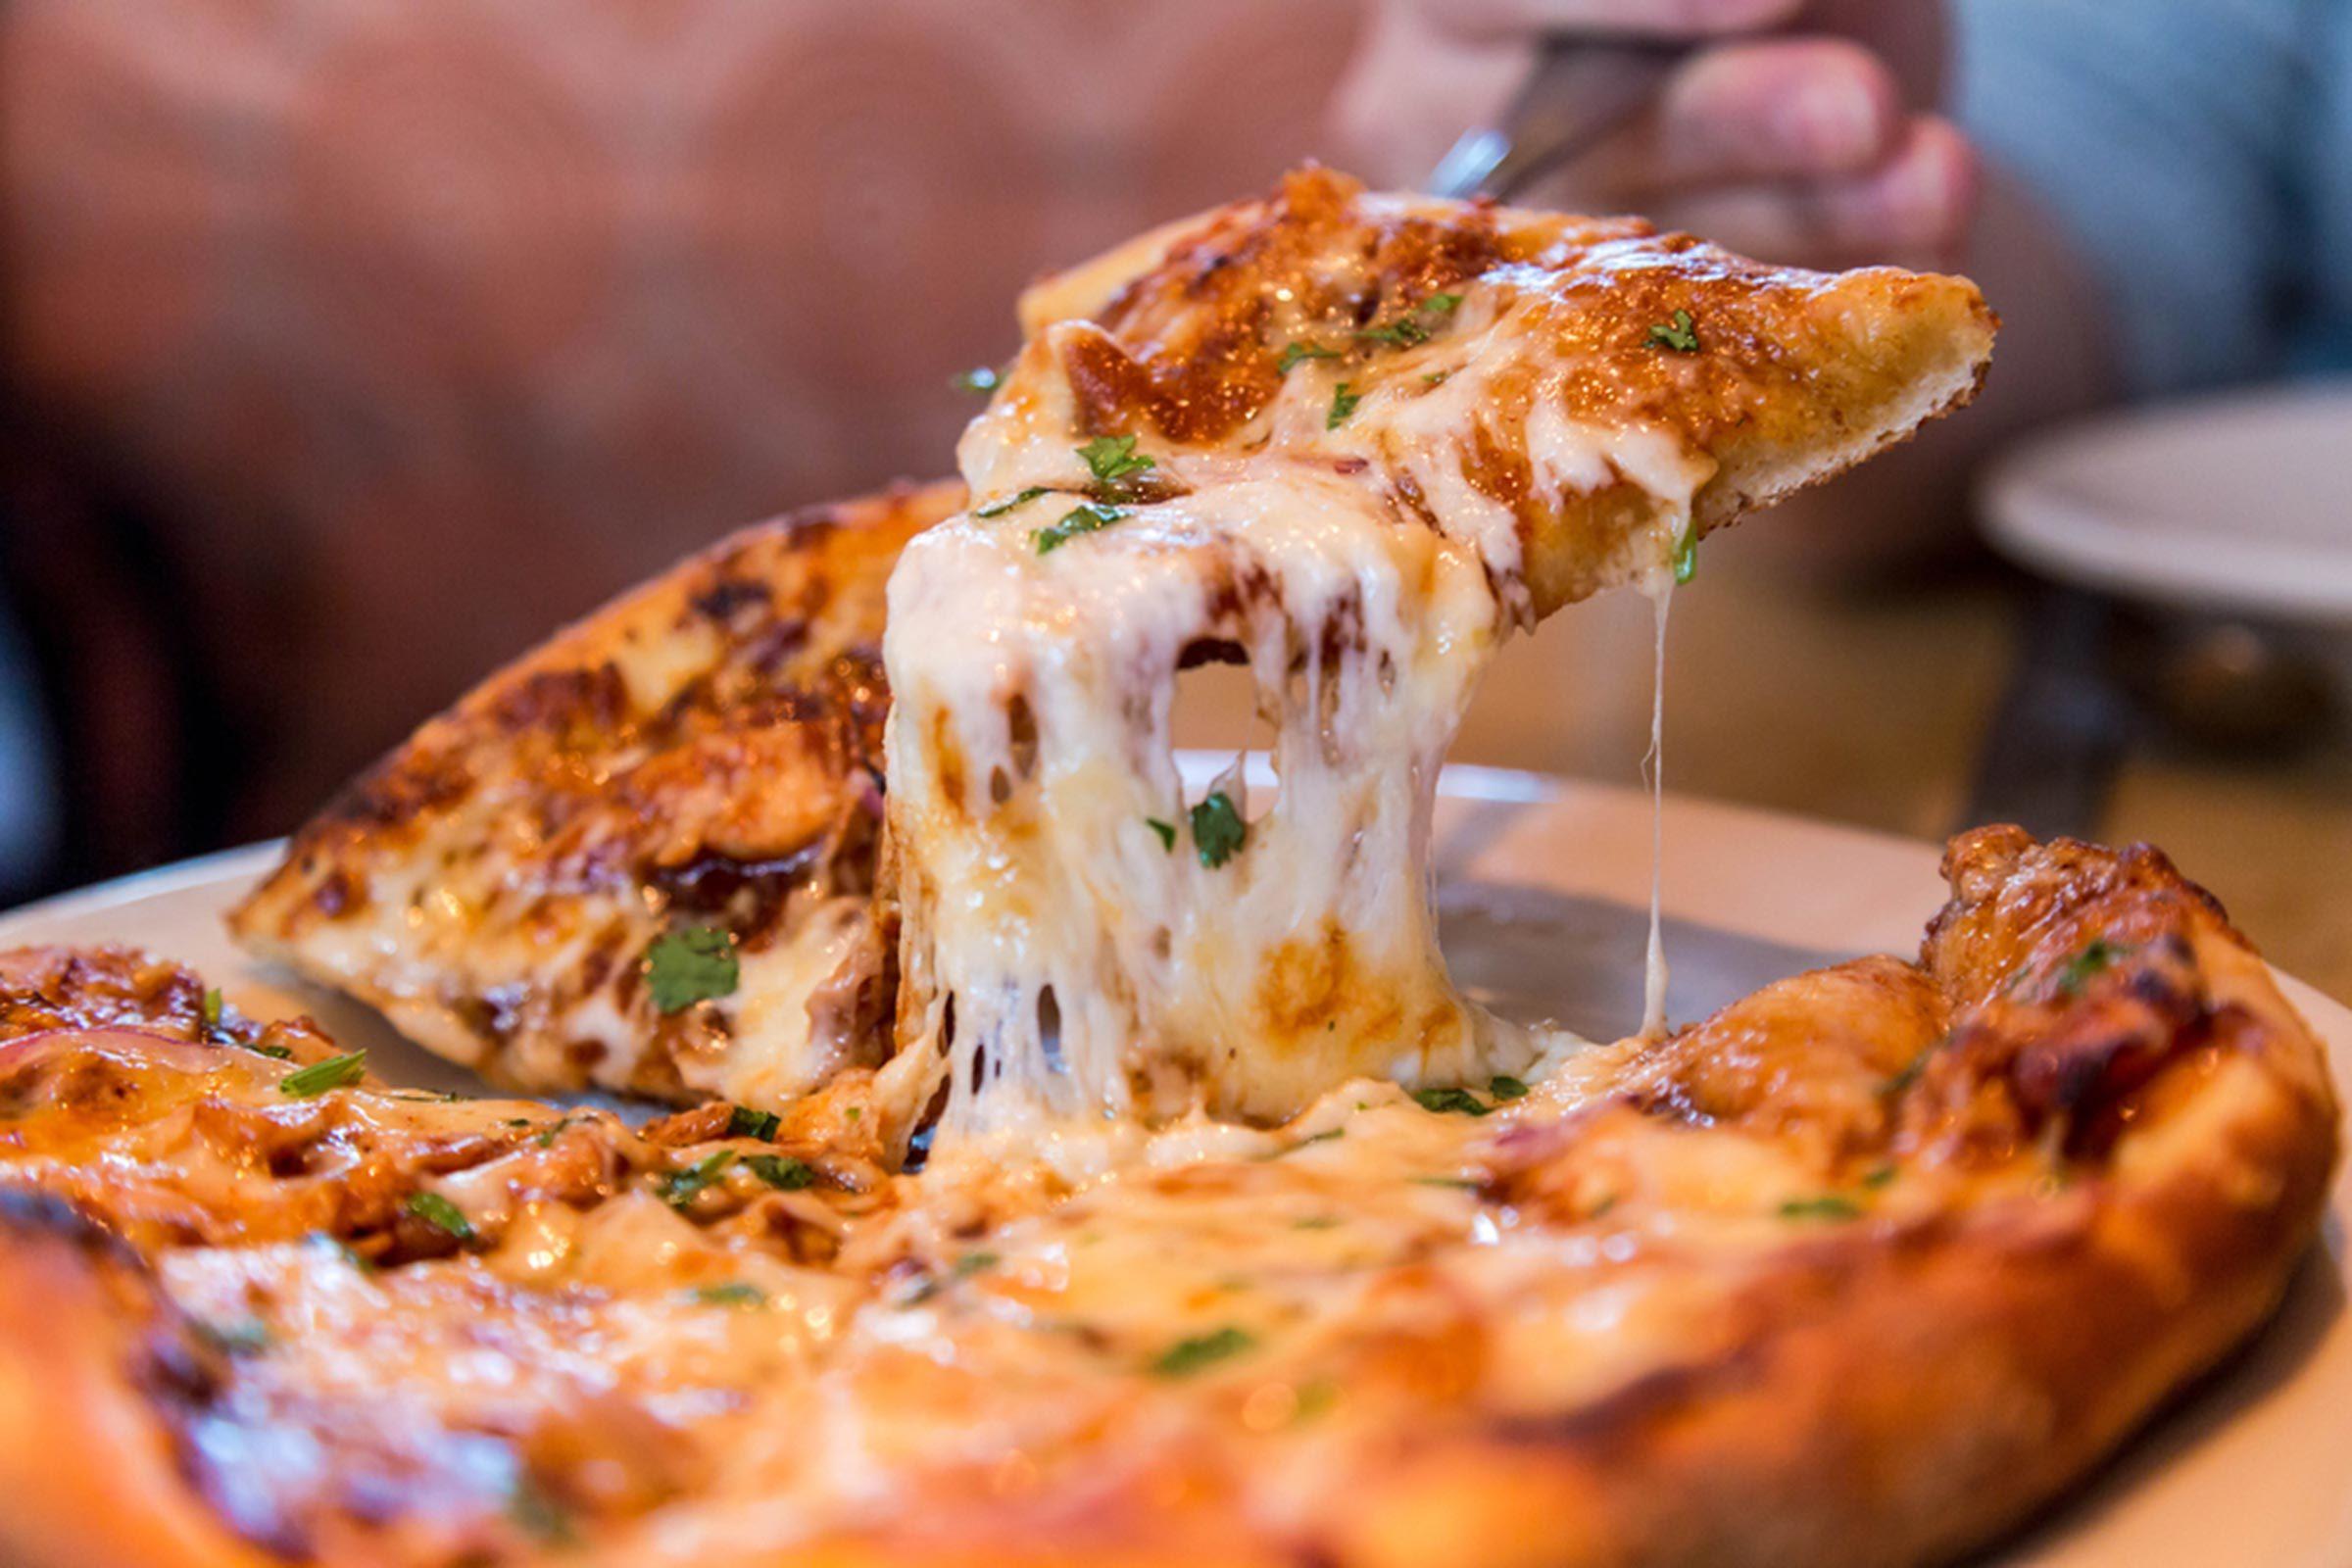 Slice of cheesy pizza